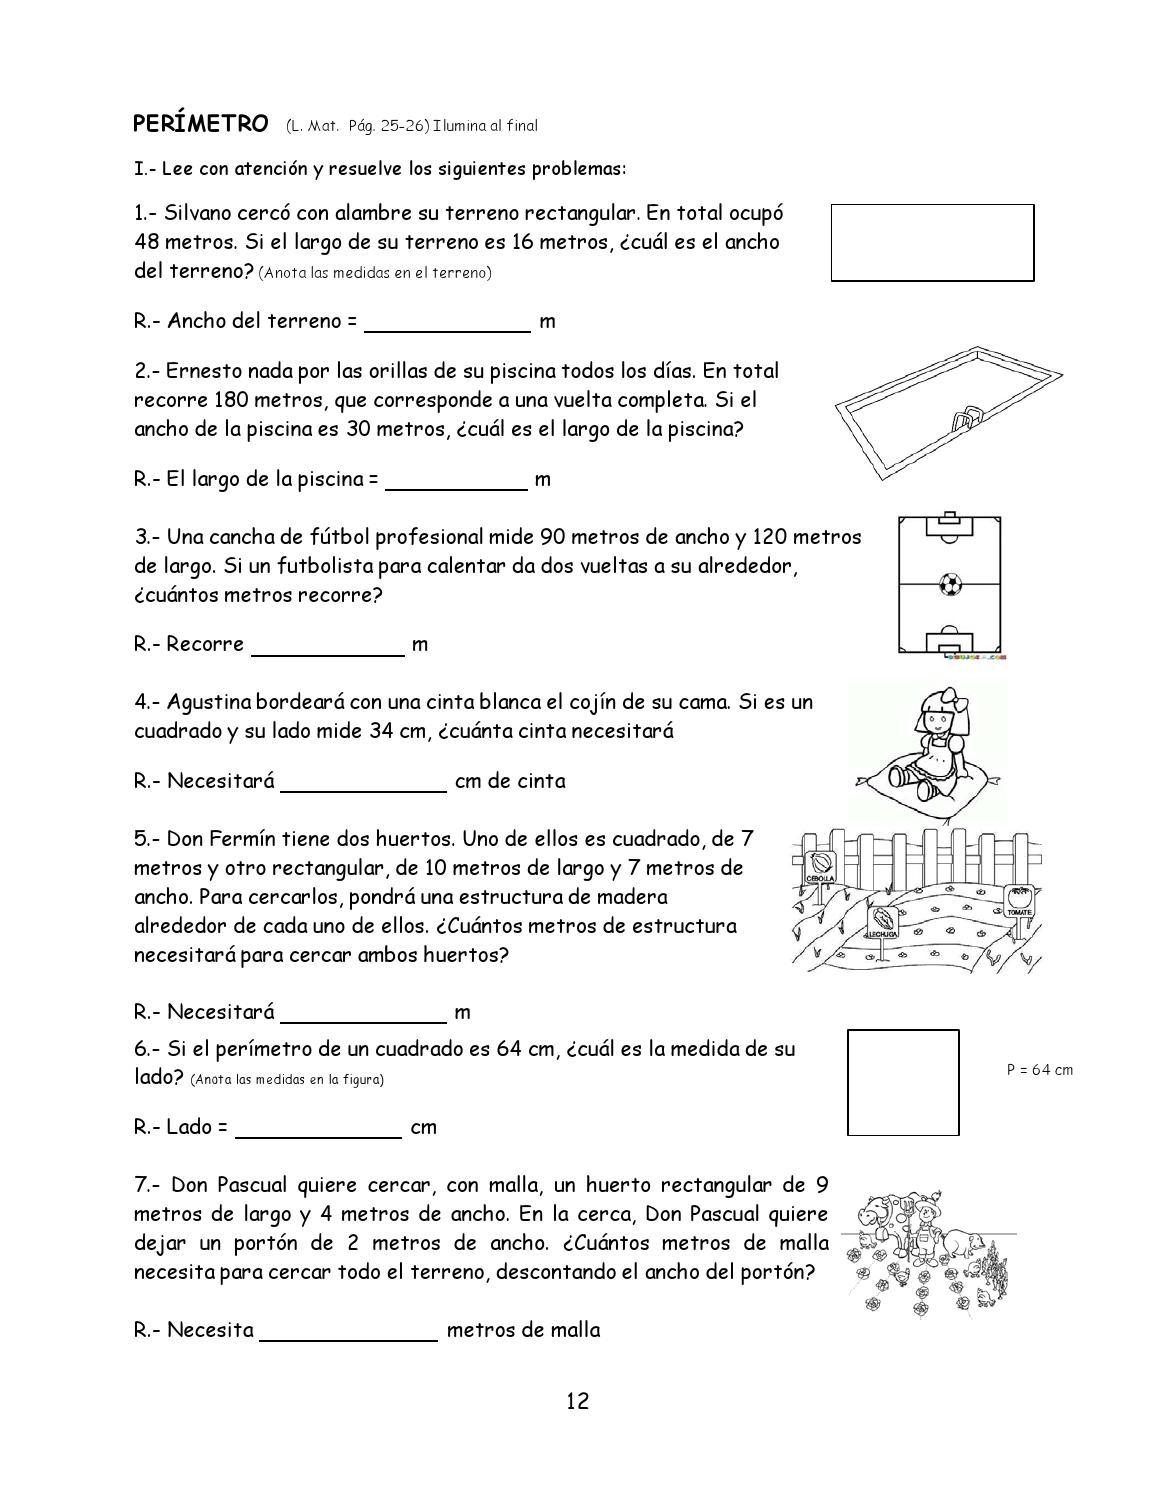 Ejercicios de matem ticas 5 by edukared issuu for Piscinas de 2 metros de ancho